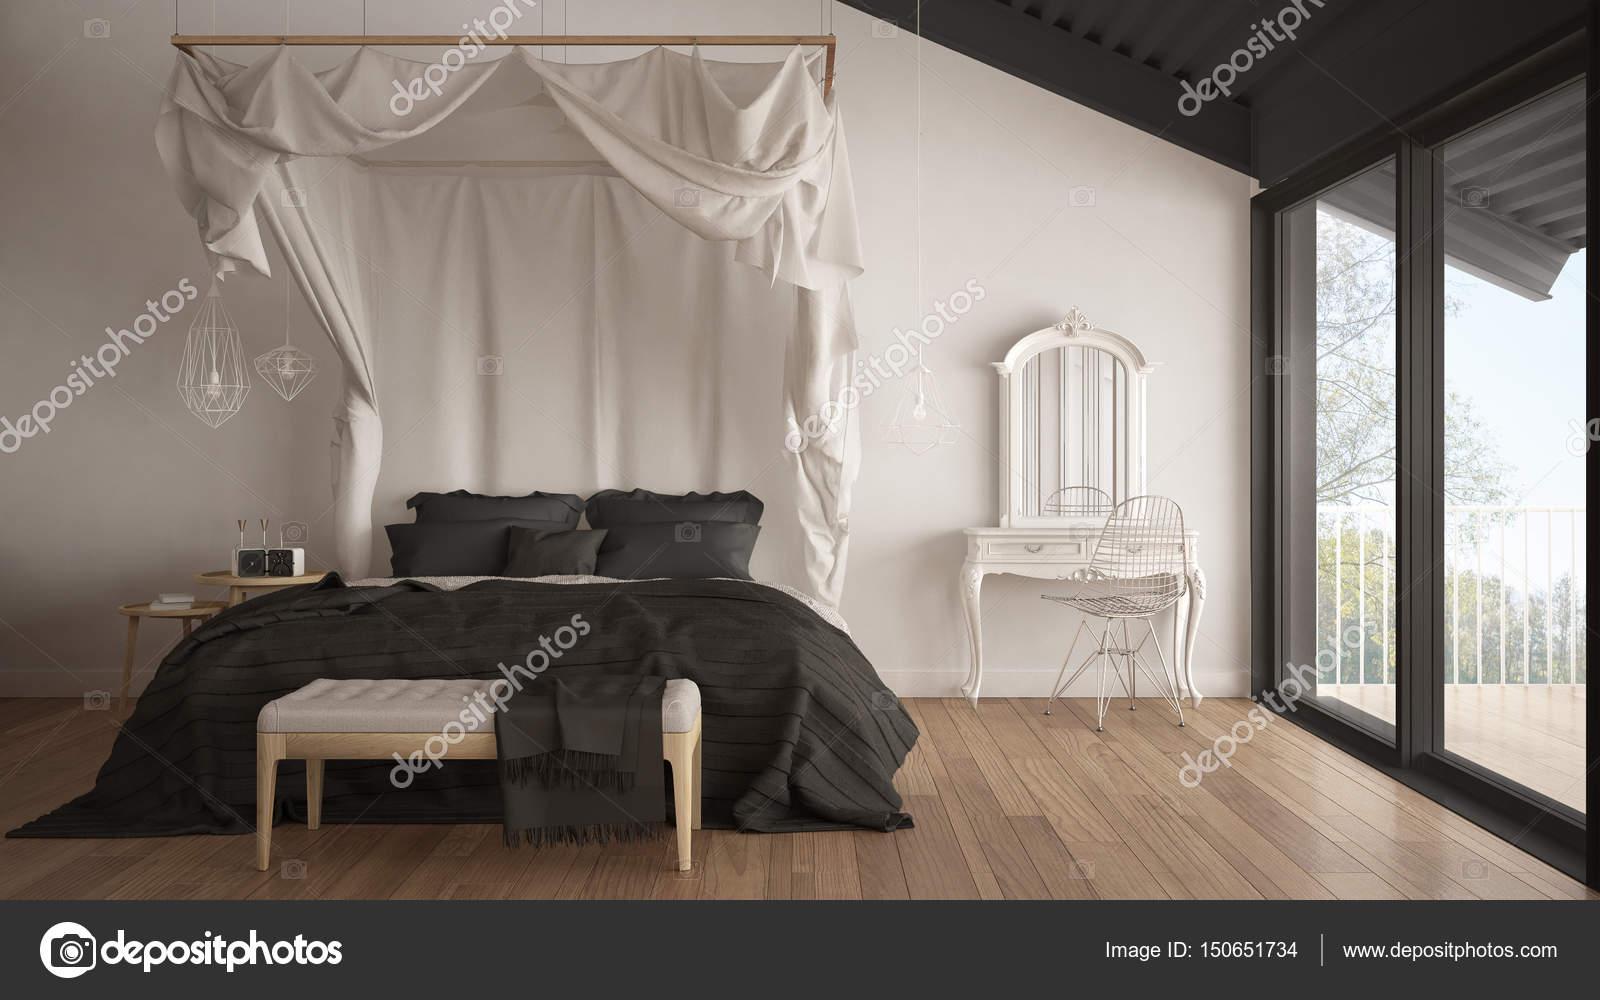 Hemelbed in minimalistische witte en grijze slaapkamer met grote